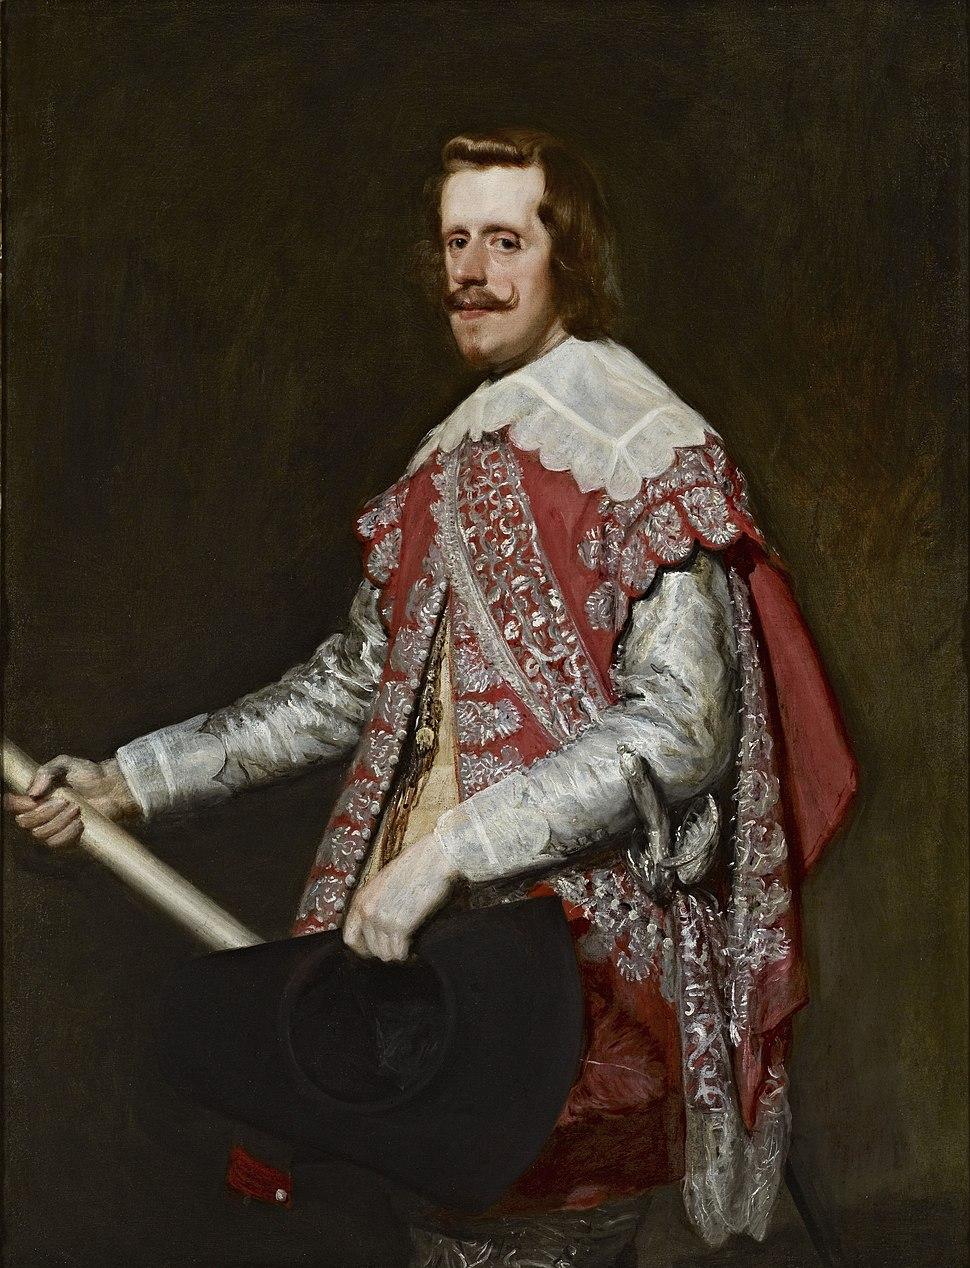 Philip IV of Spain - Vel%C3%A1zquez 1644